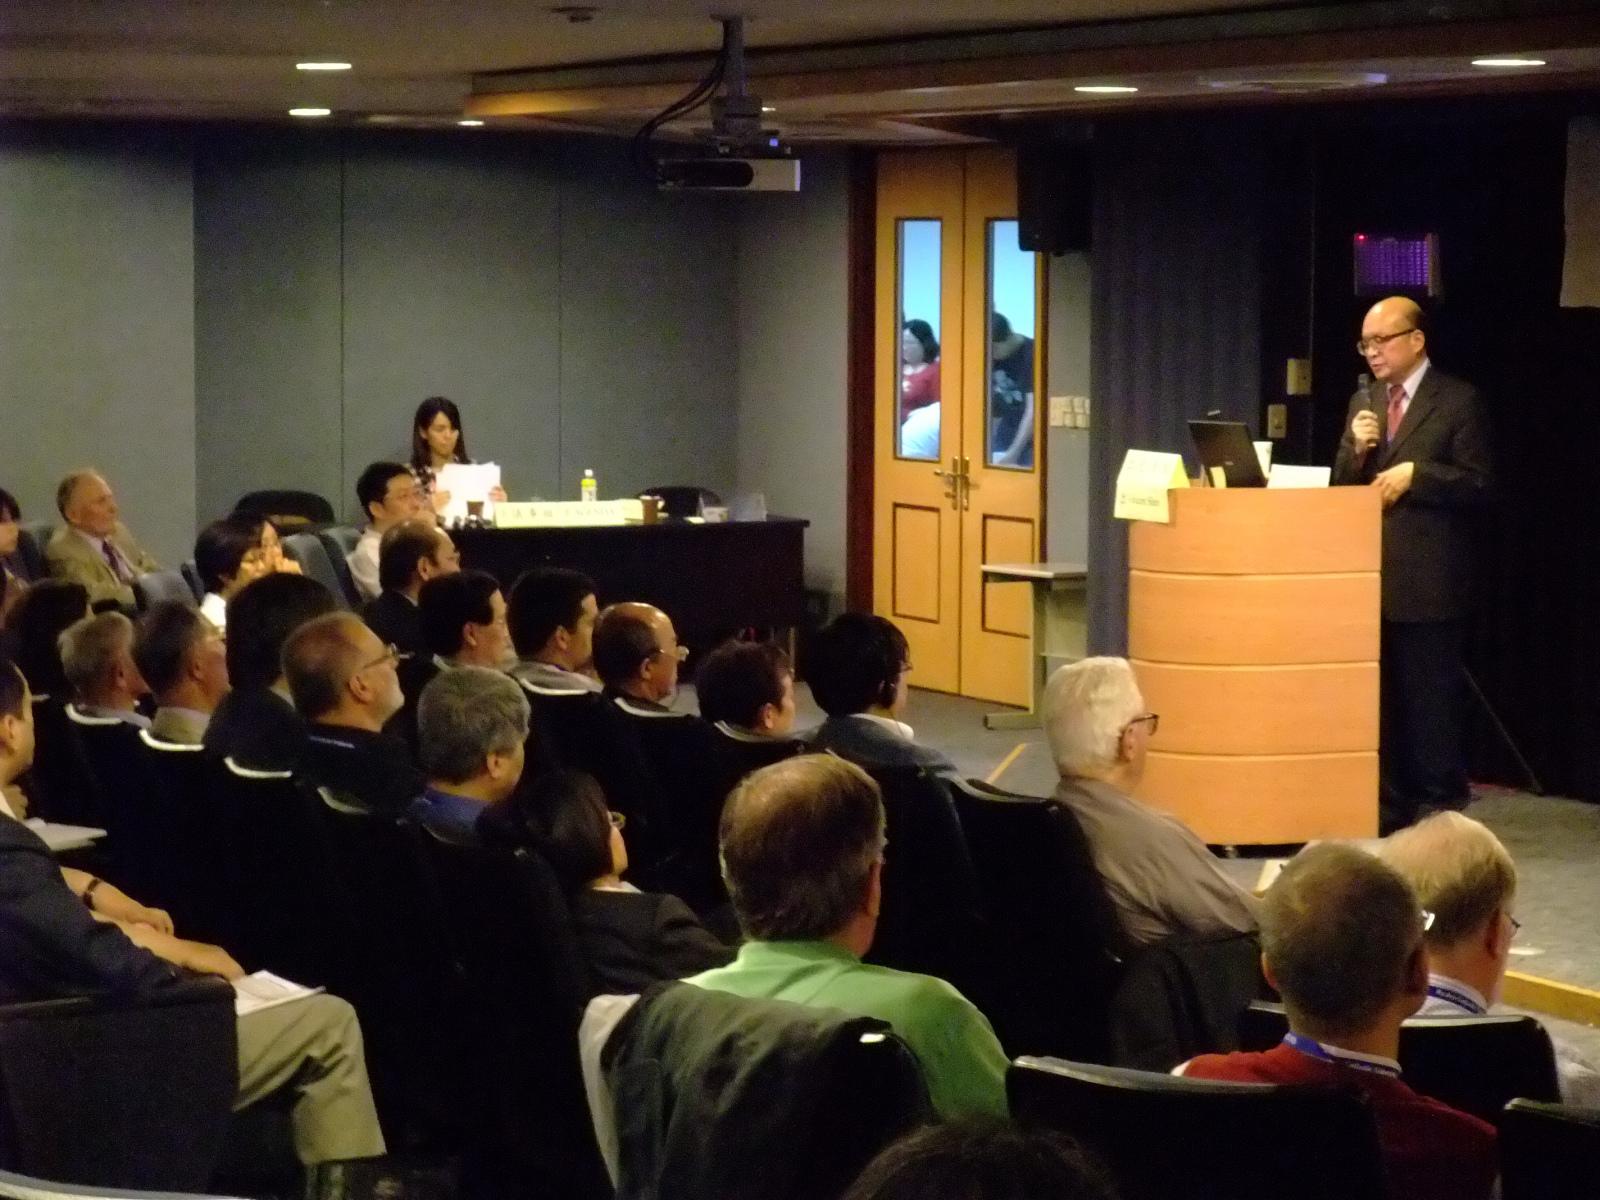 201004紀念利瑪竇逝世四百週年國際學術研討會-21